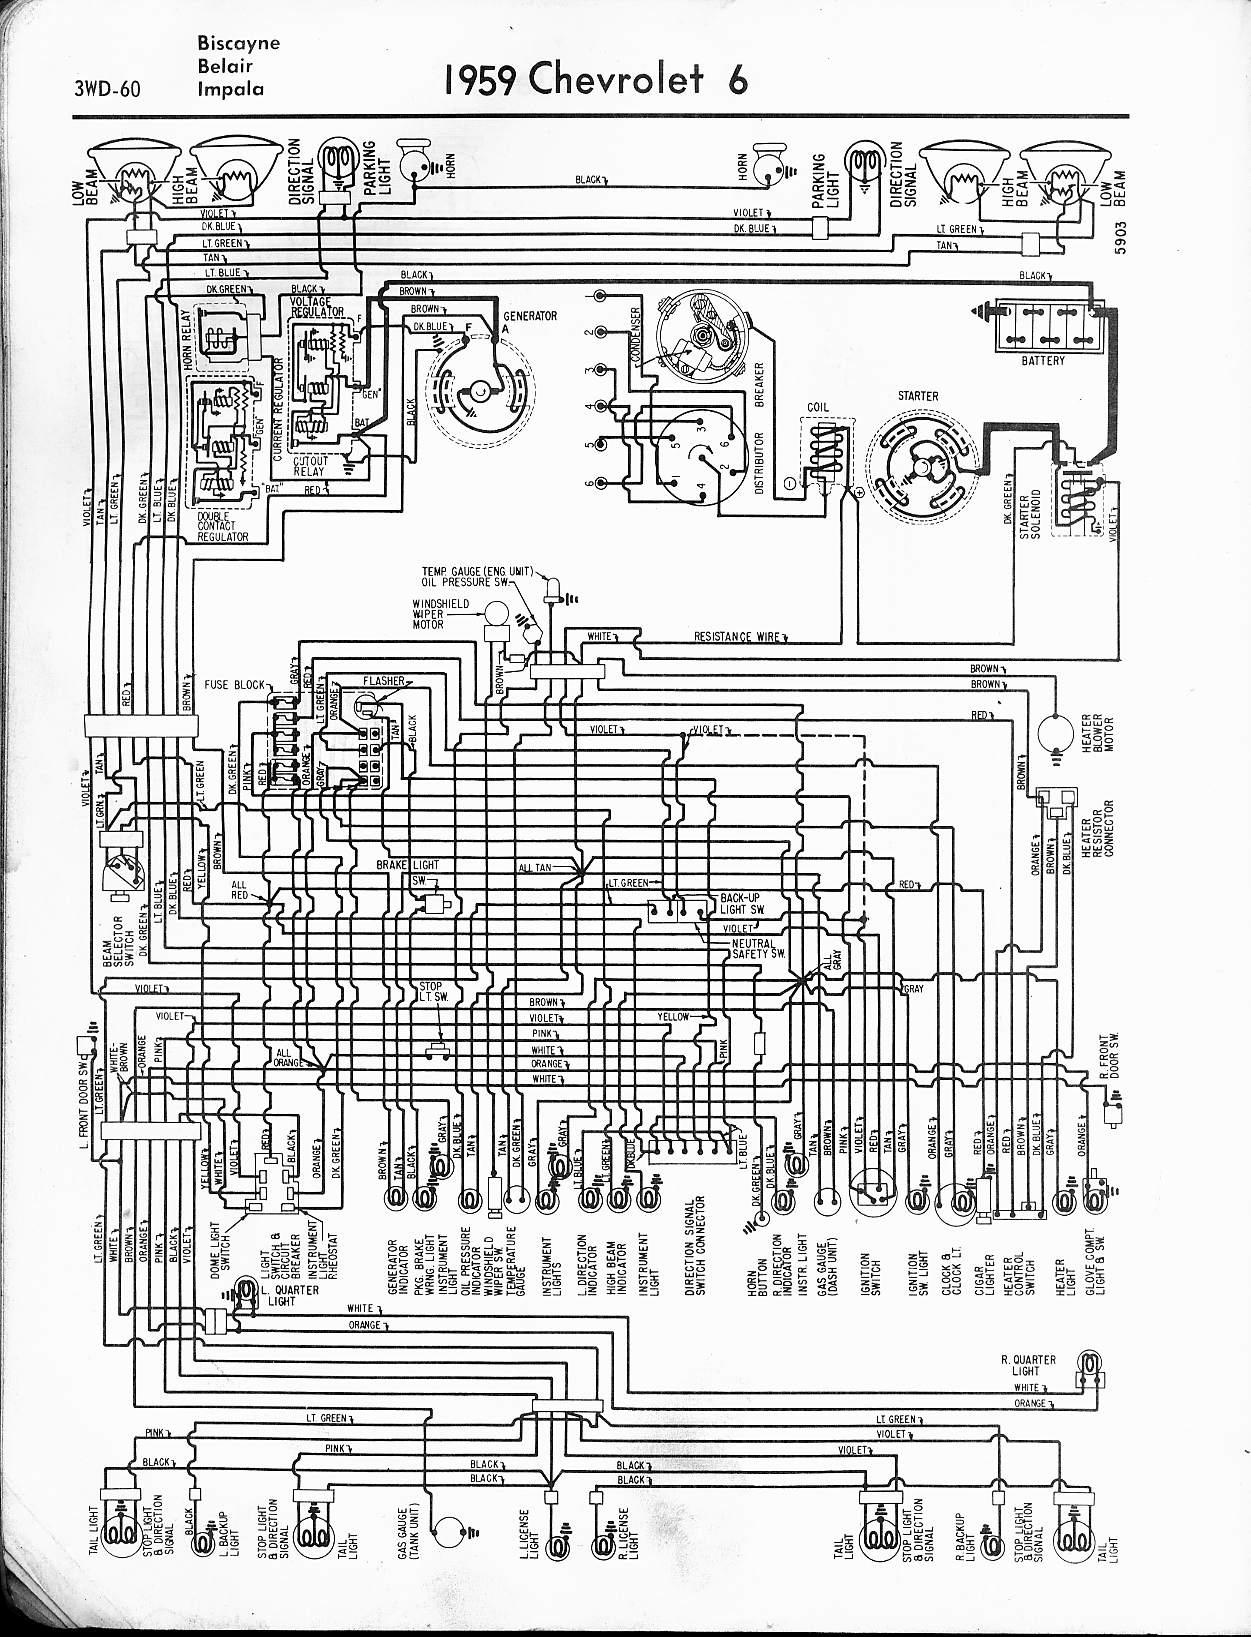 1963 impala wiring diagram 7 pin plug australia 57 - 65 chevy diagrams